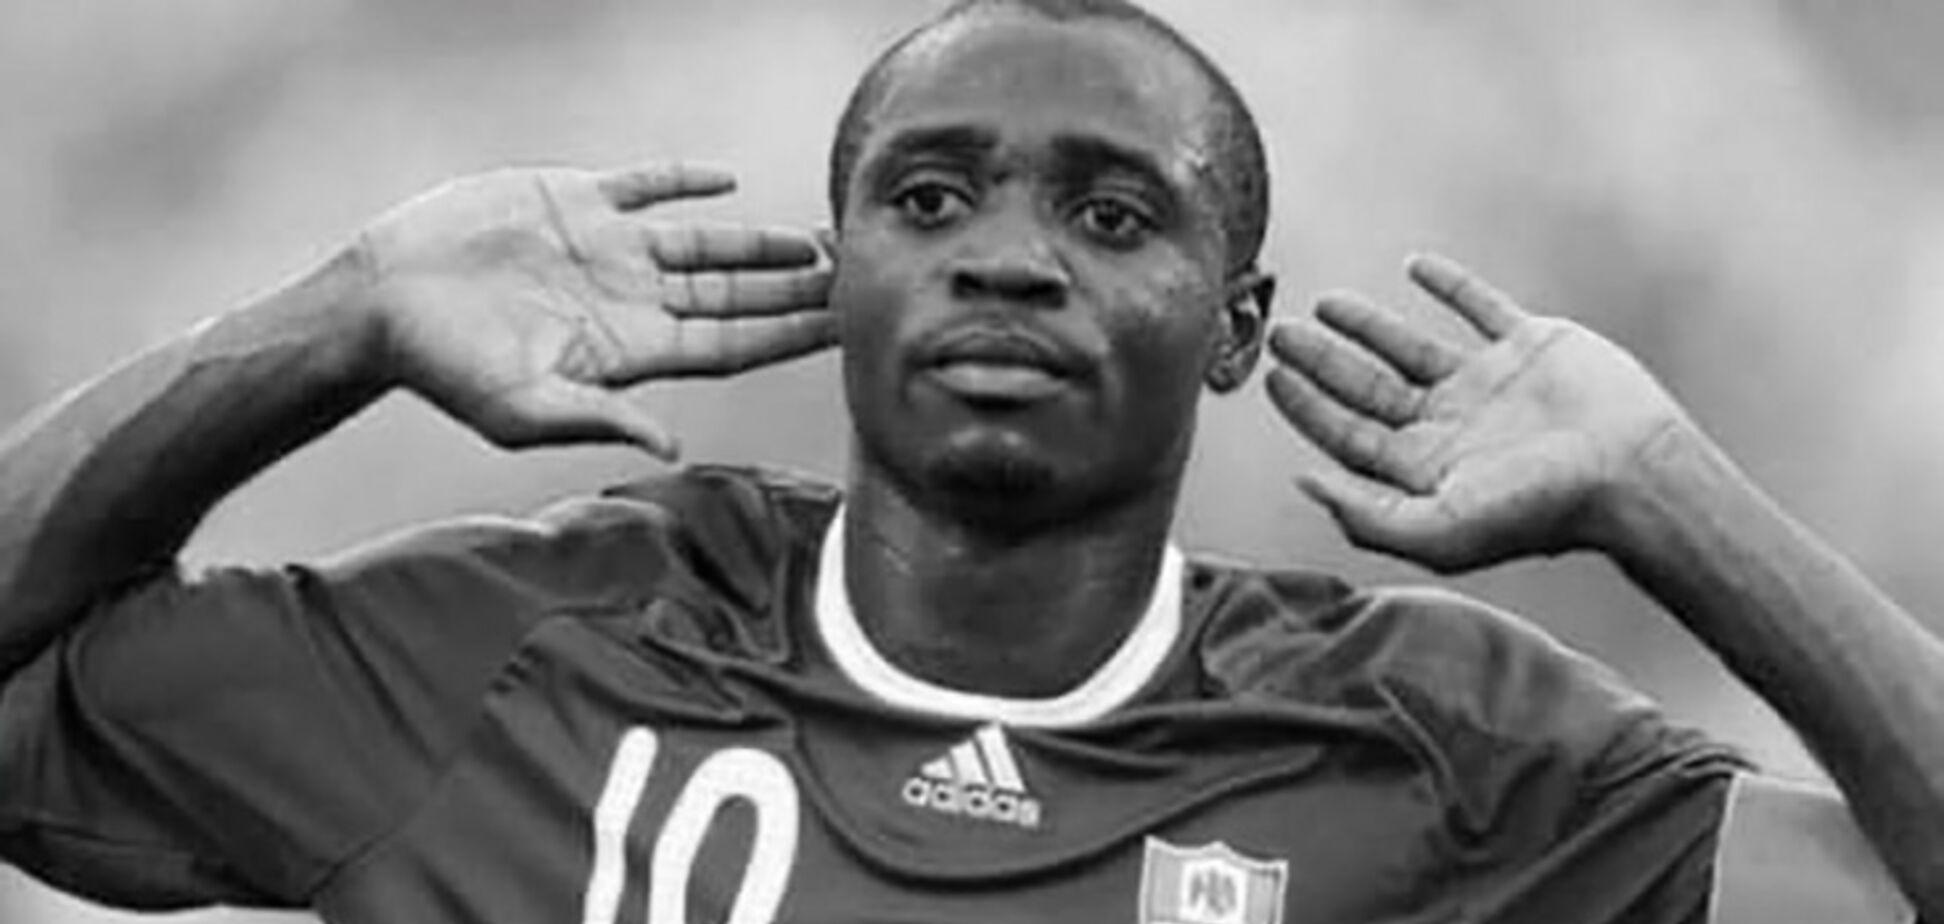 Знаменитый призер Олимпиады в футболе умер в 31 год